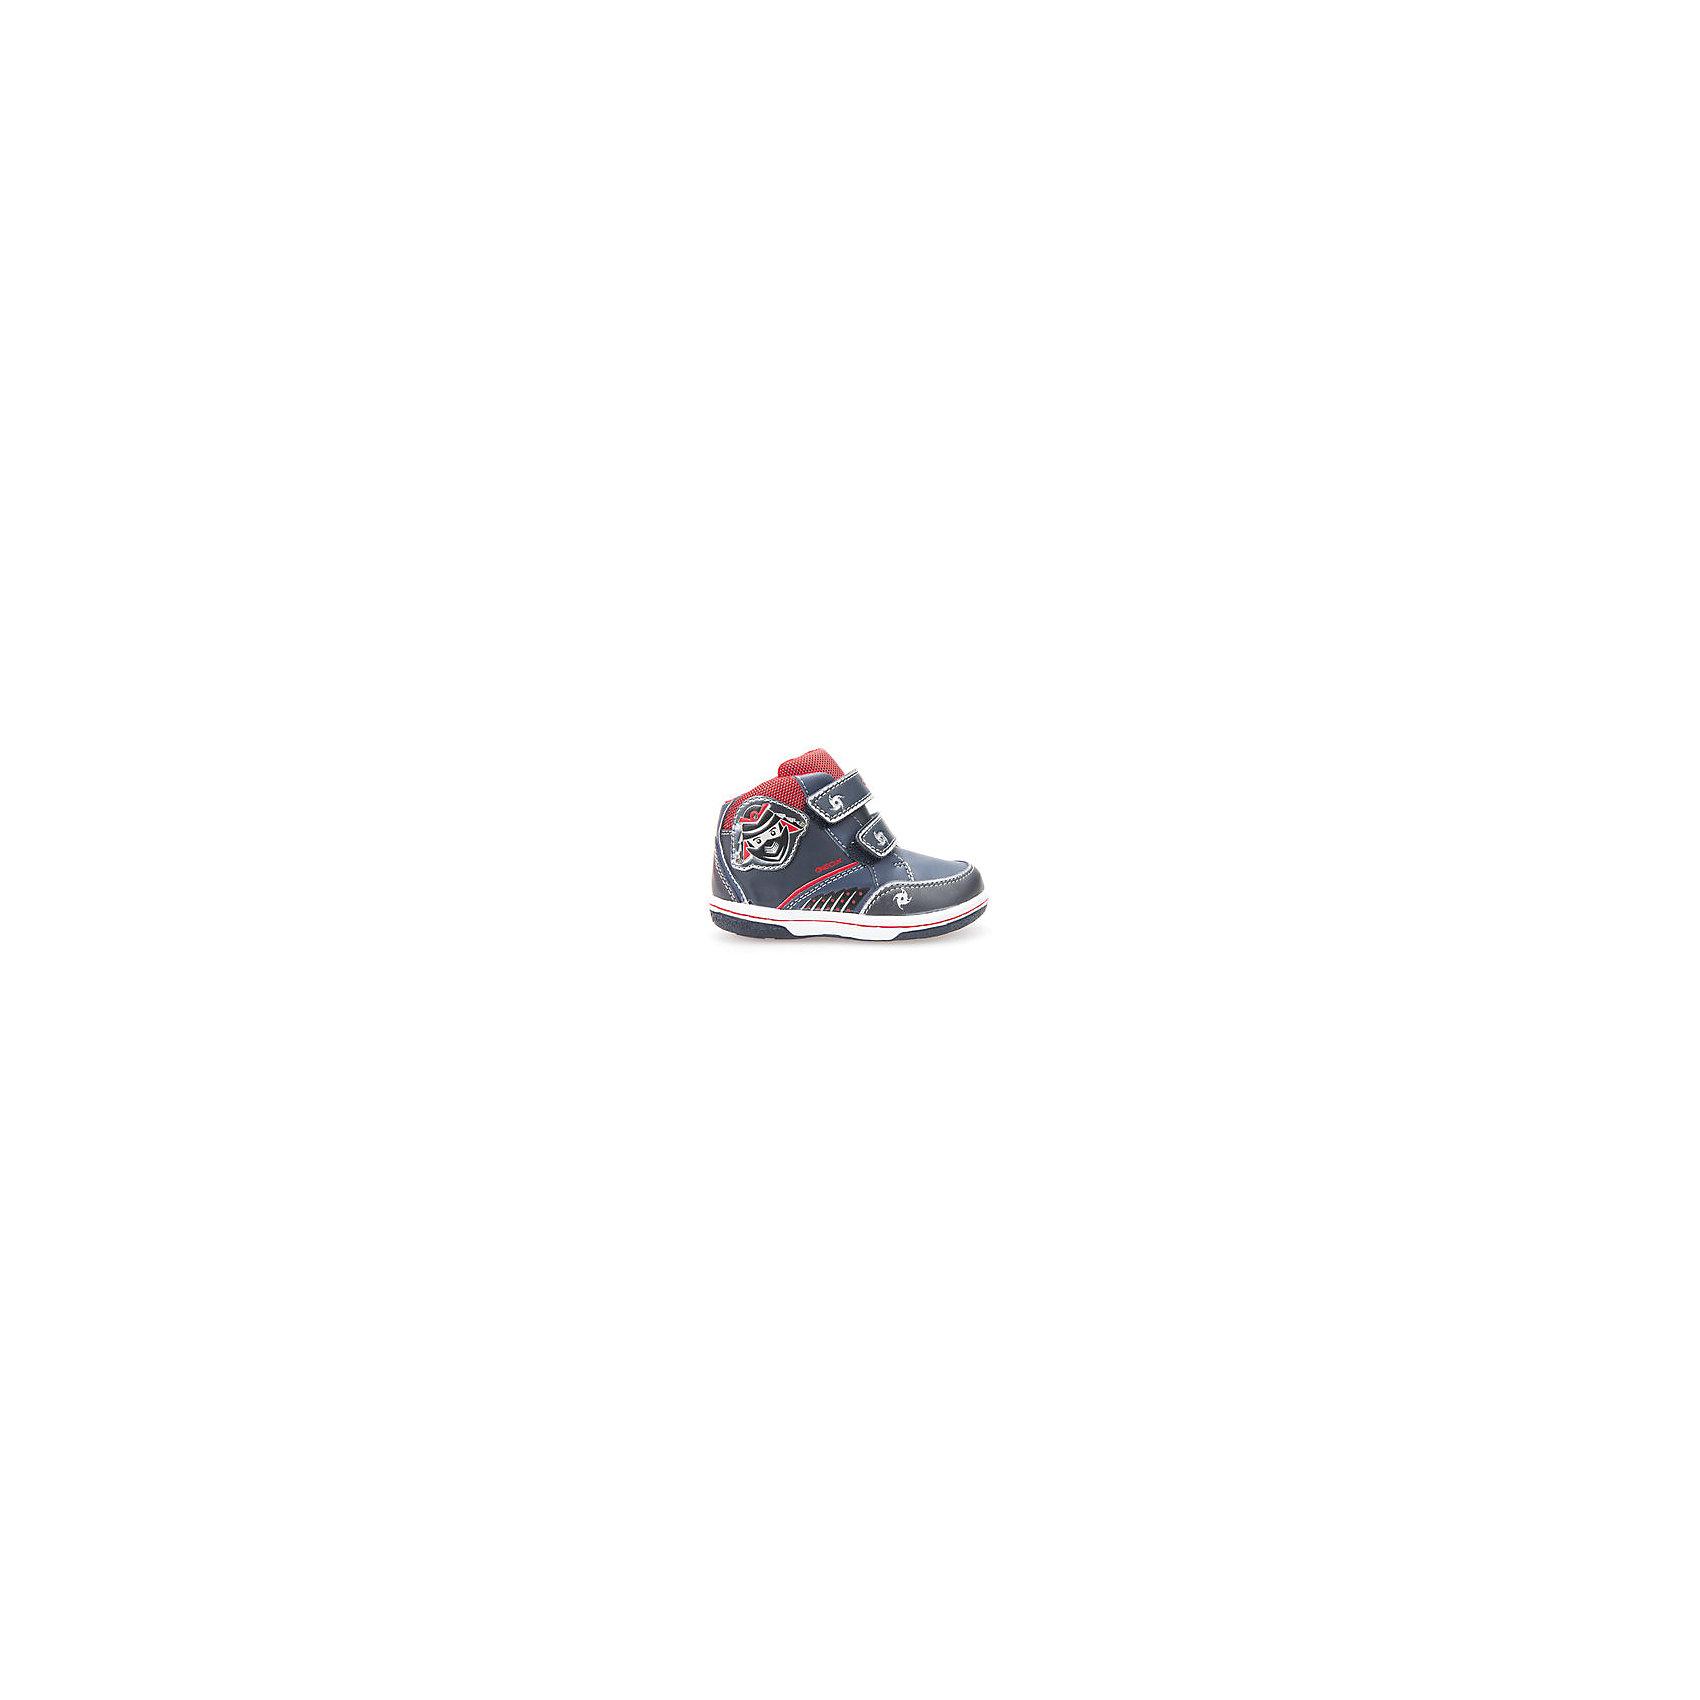 Кроссовки со светодиодами для мальчика GEOXКроссовки GEOX (ГЕОКС)<br>Кроссовки от GEOX (ГЕОКС) выполнены из искусственной кожи, внутренняя отделка из текстиля, стелька из натуральной кожи. Застежки-липучки облегчают снимание и надевание обуви и надежно фиксируют ее на ногах. Колодка соответствует анатомическим особенностям строения детской стопы. Качественная амортизация снижает нагрузку на суставы. Запатентованная гибкая перфорированная подошва со специальной микропористой мембраной обеспечивает естественное дыхание обуви, формирует оптимальный внутренний микроклимат, не пропускает воду.<br><br>Дополнительная информация:<br><br>- Сезон: демисезон<br>- Цвет: красный, синий<br>- Материал верха: искусственная кожа<br>- Внутренний материал: текстиль<br>- Материал стельки: натуральная кожа<br>- Материал подошвы: резина<br>- Тип застежки: липучки<br>- Материалы и продукция прошли специальную проверку T?V S?D, на отсутствие веществ, опасных для здоровья покупателей<br><br>Кроссовки GEOX (ГЕОКС) можно купить в нашем интернет-магазине.<br><br>Ширина мм: 250<br>Глубина мм: 150<br>Высота мм: 150<br>Вес г: 250<br>Цвет: красный/синий<br>Возраст от месяцев: 18<br>Возраст до месяцев: 21<br>Пол: Мужской<br>Возраст: Детский<br>Размер: 23,27,25,24,26<br>SKU: 4968242